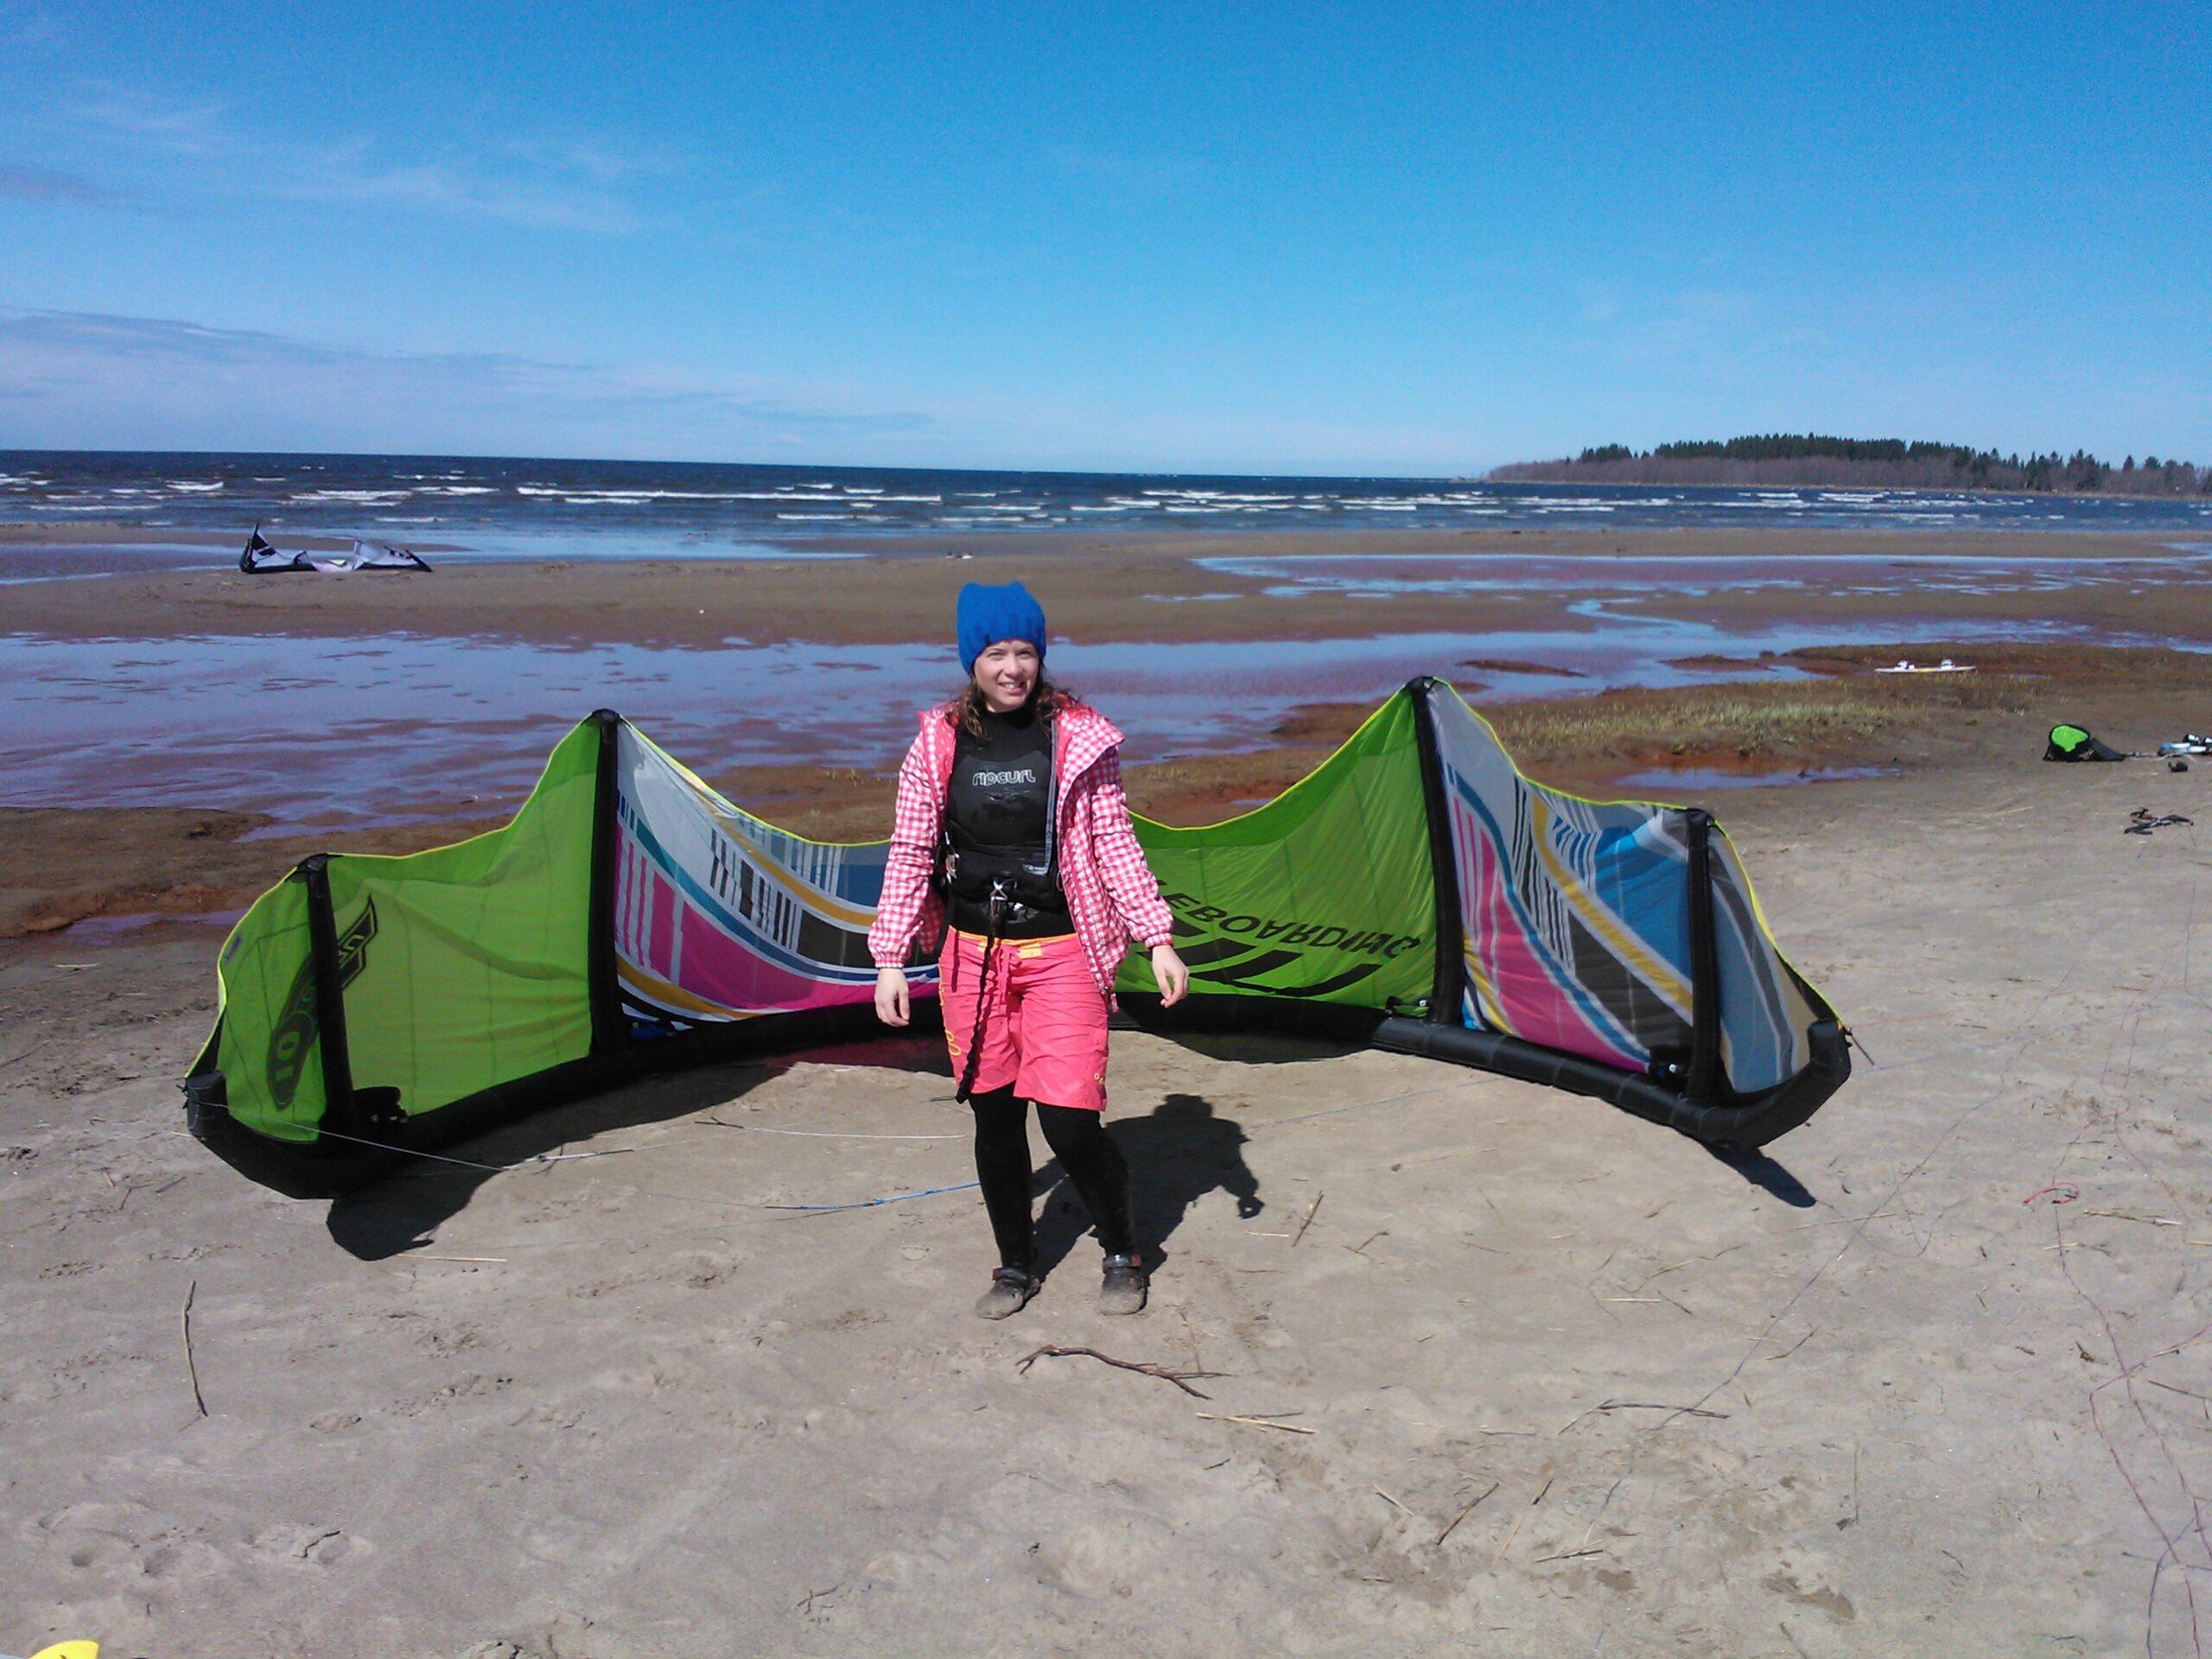 Kitesäsongsöppning i Storsand